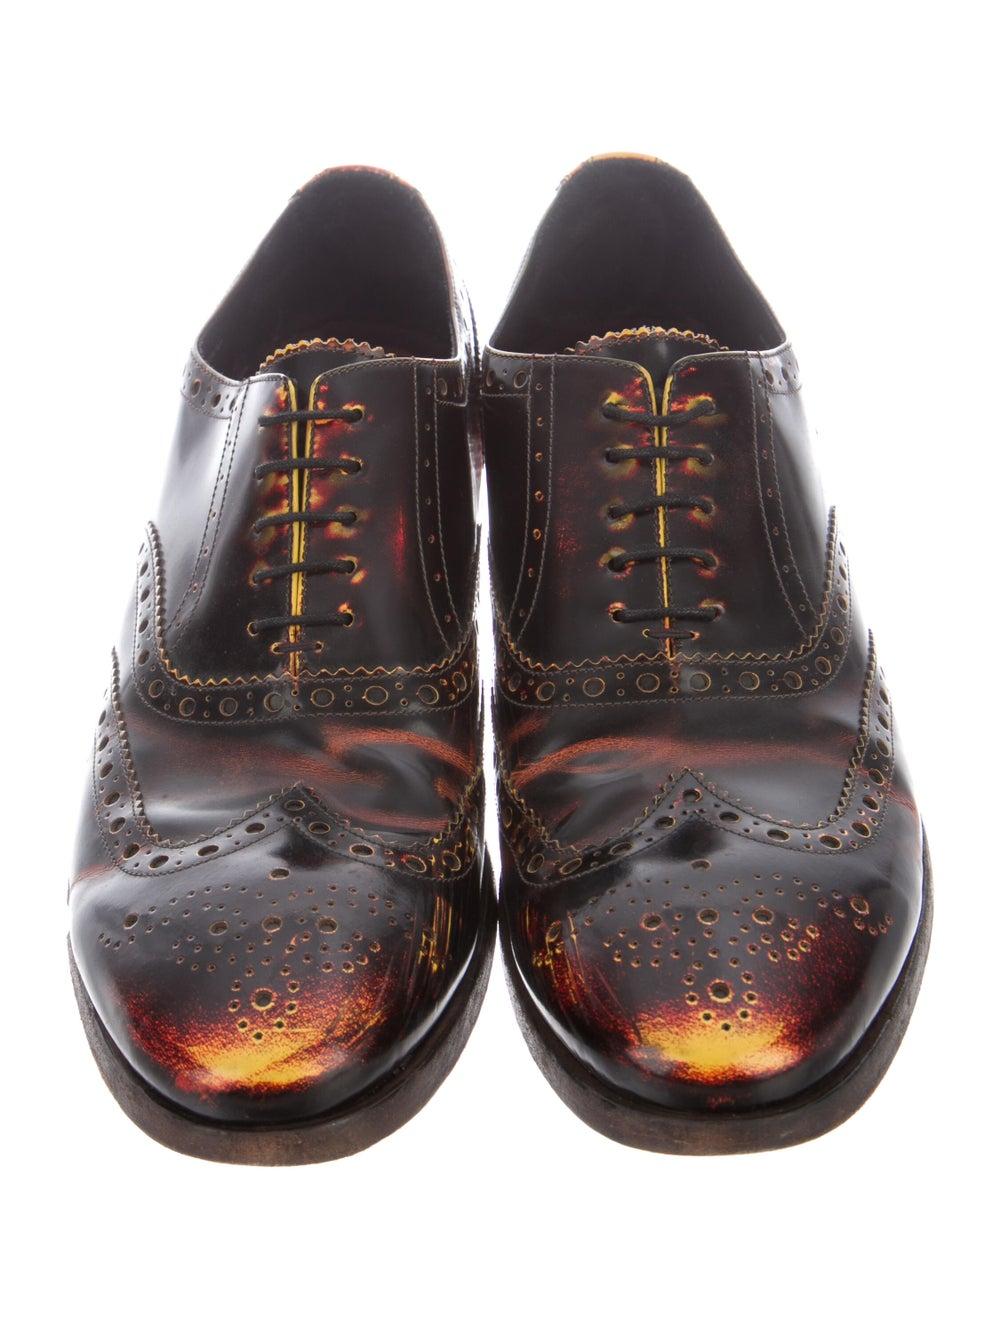 Paul Smith Burnished Leather Leather Spectators B… - image 3